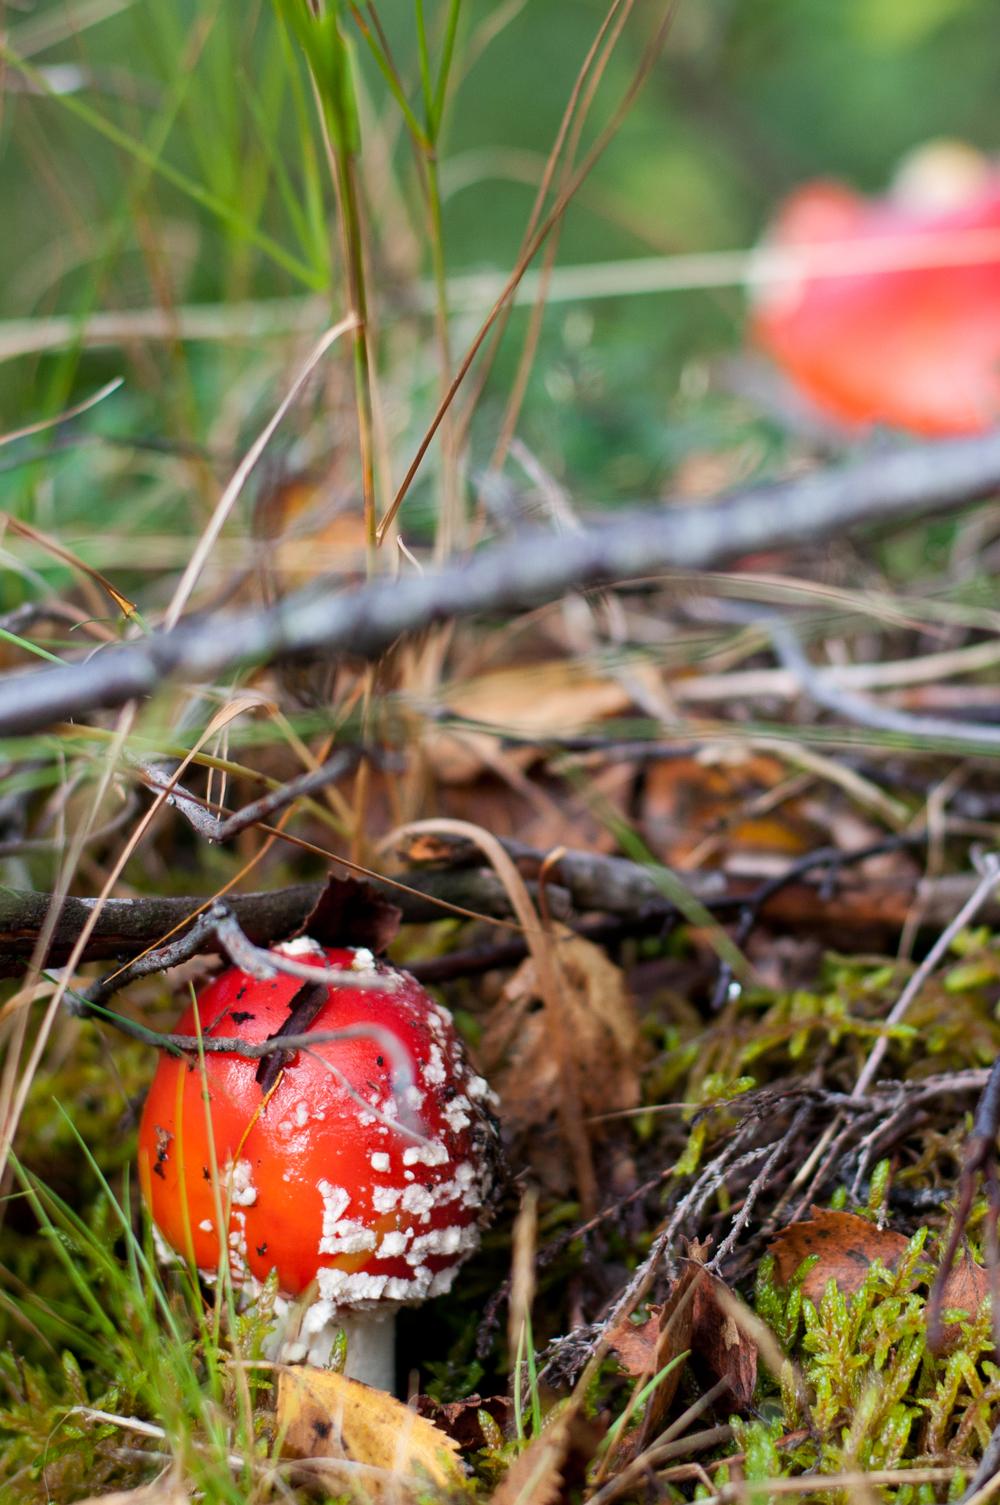 Foraging Mushrooms in Norway